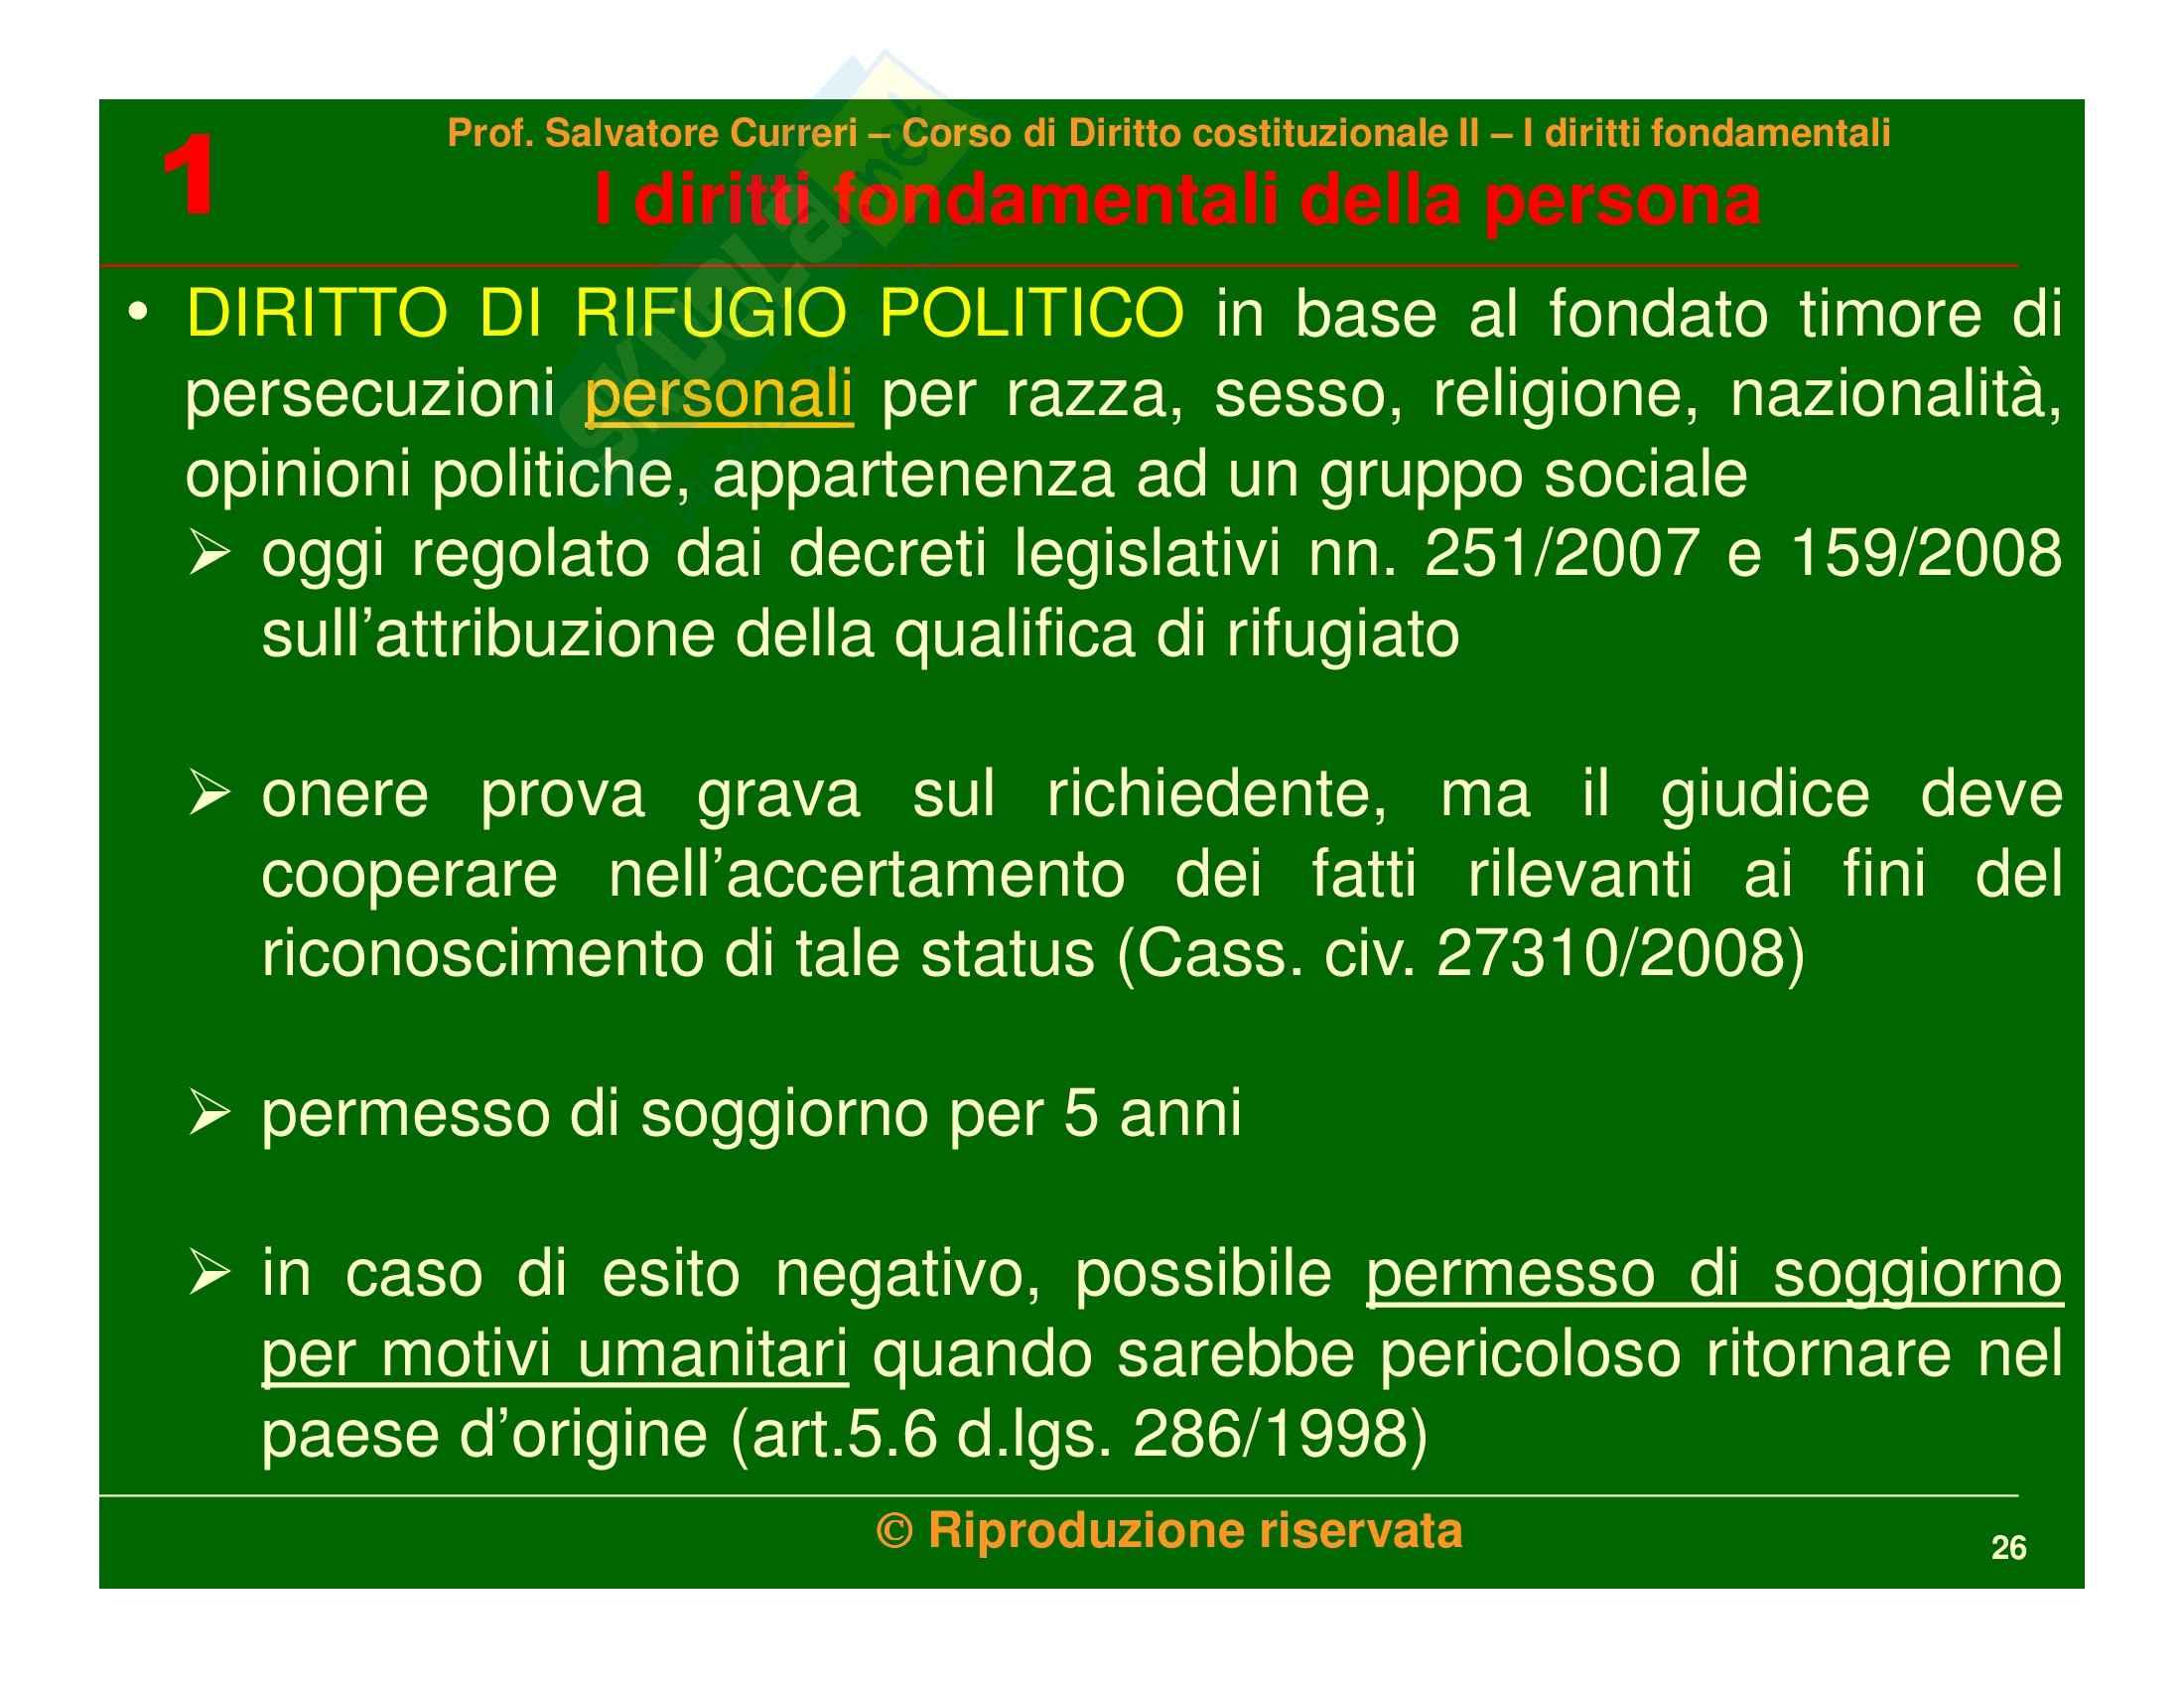 Diritto costituzionale - i diritti fondamentali della persona Pag. 26